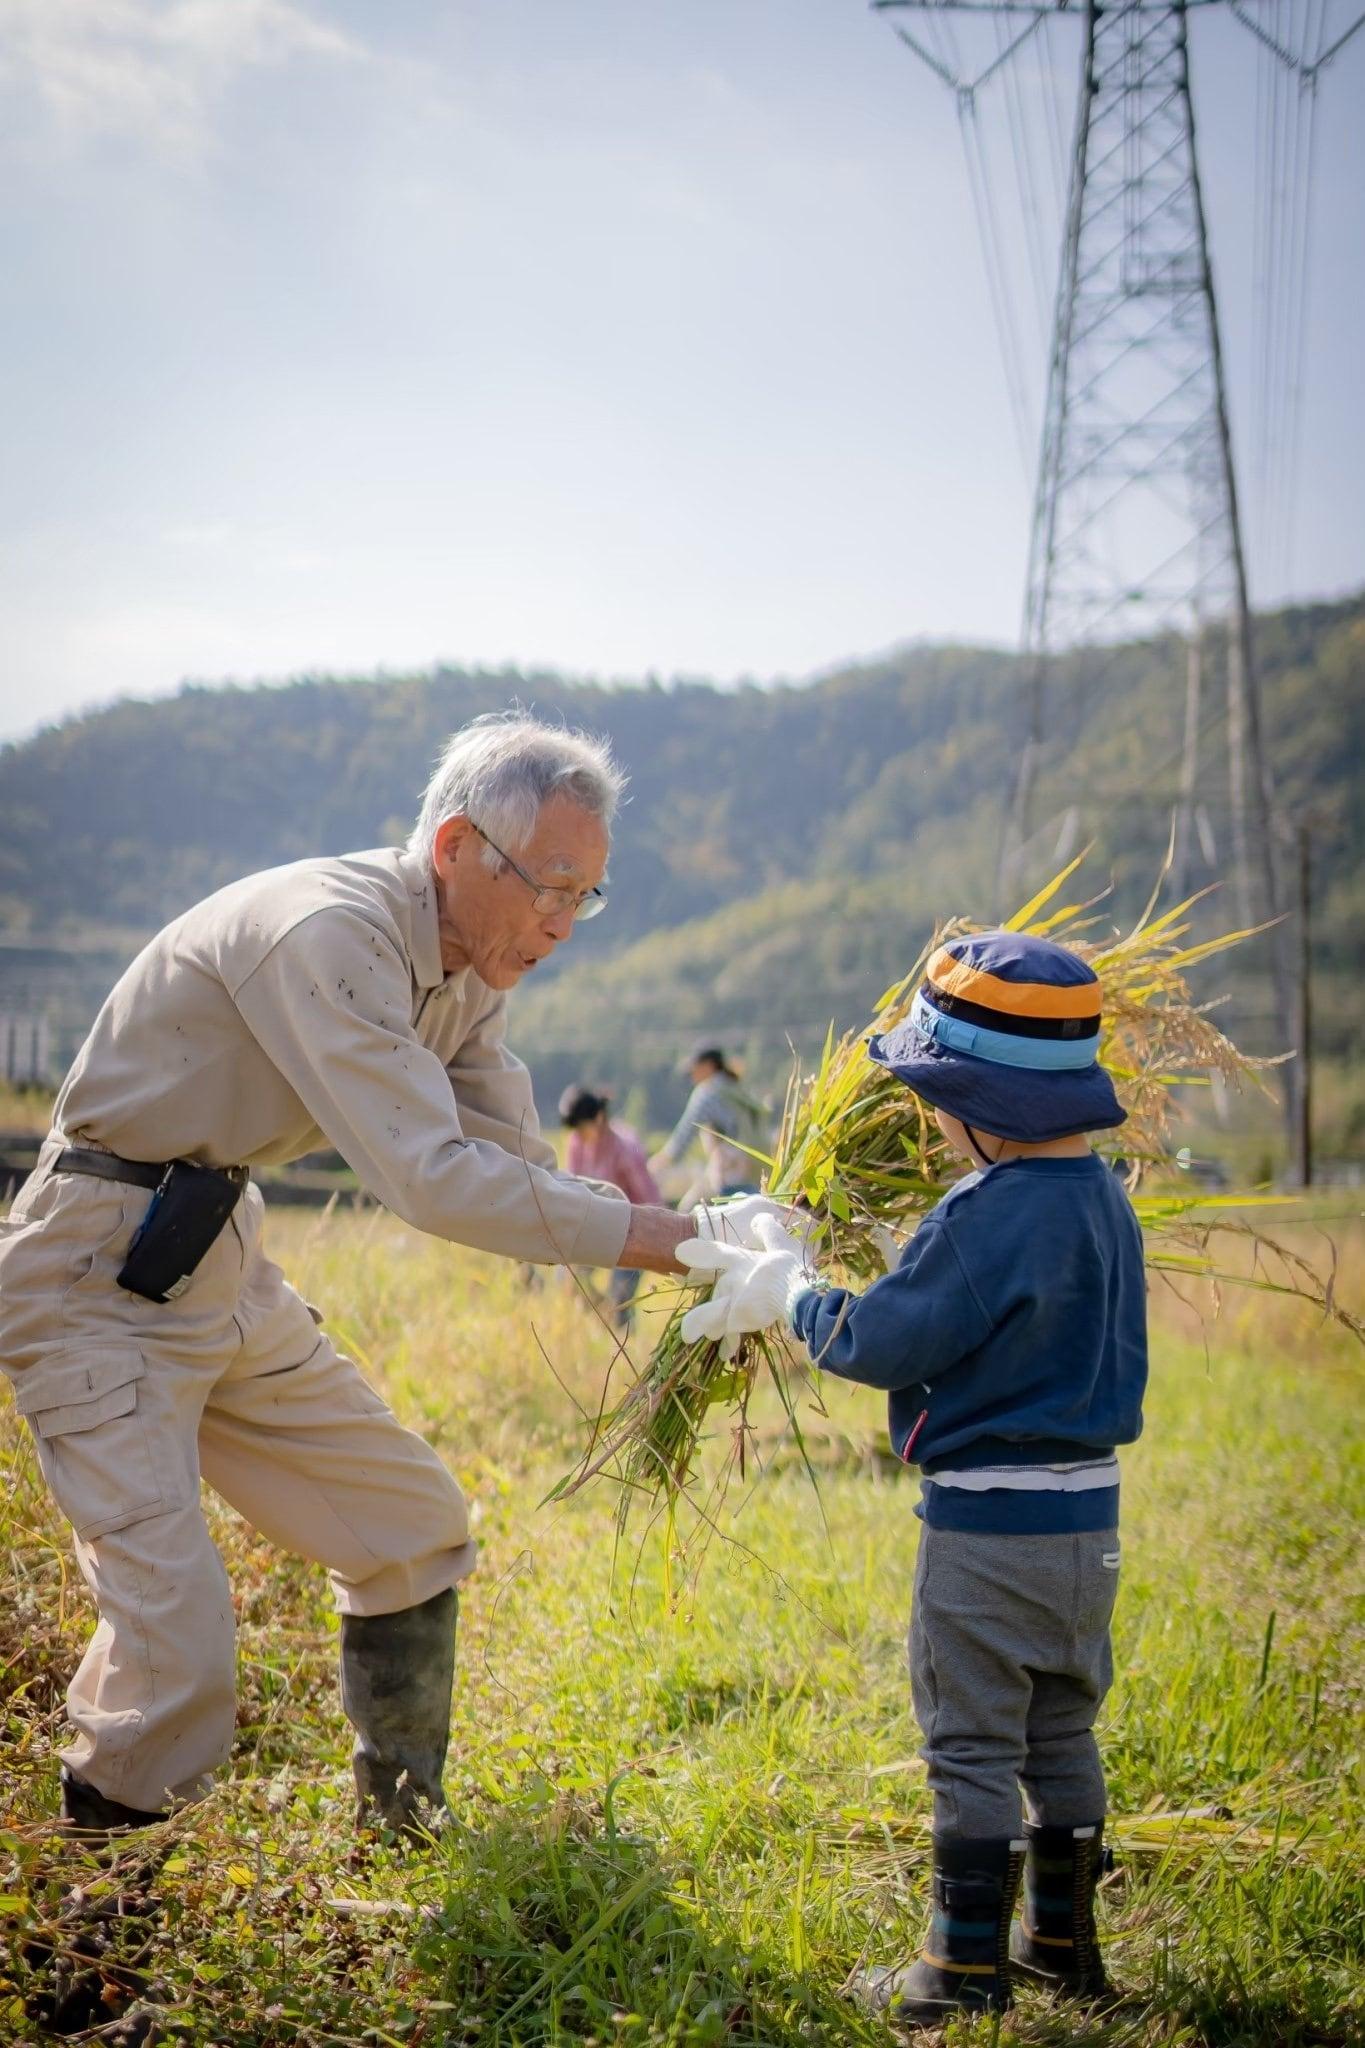 山田さんの農業塾のイメージその3